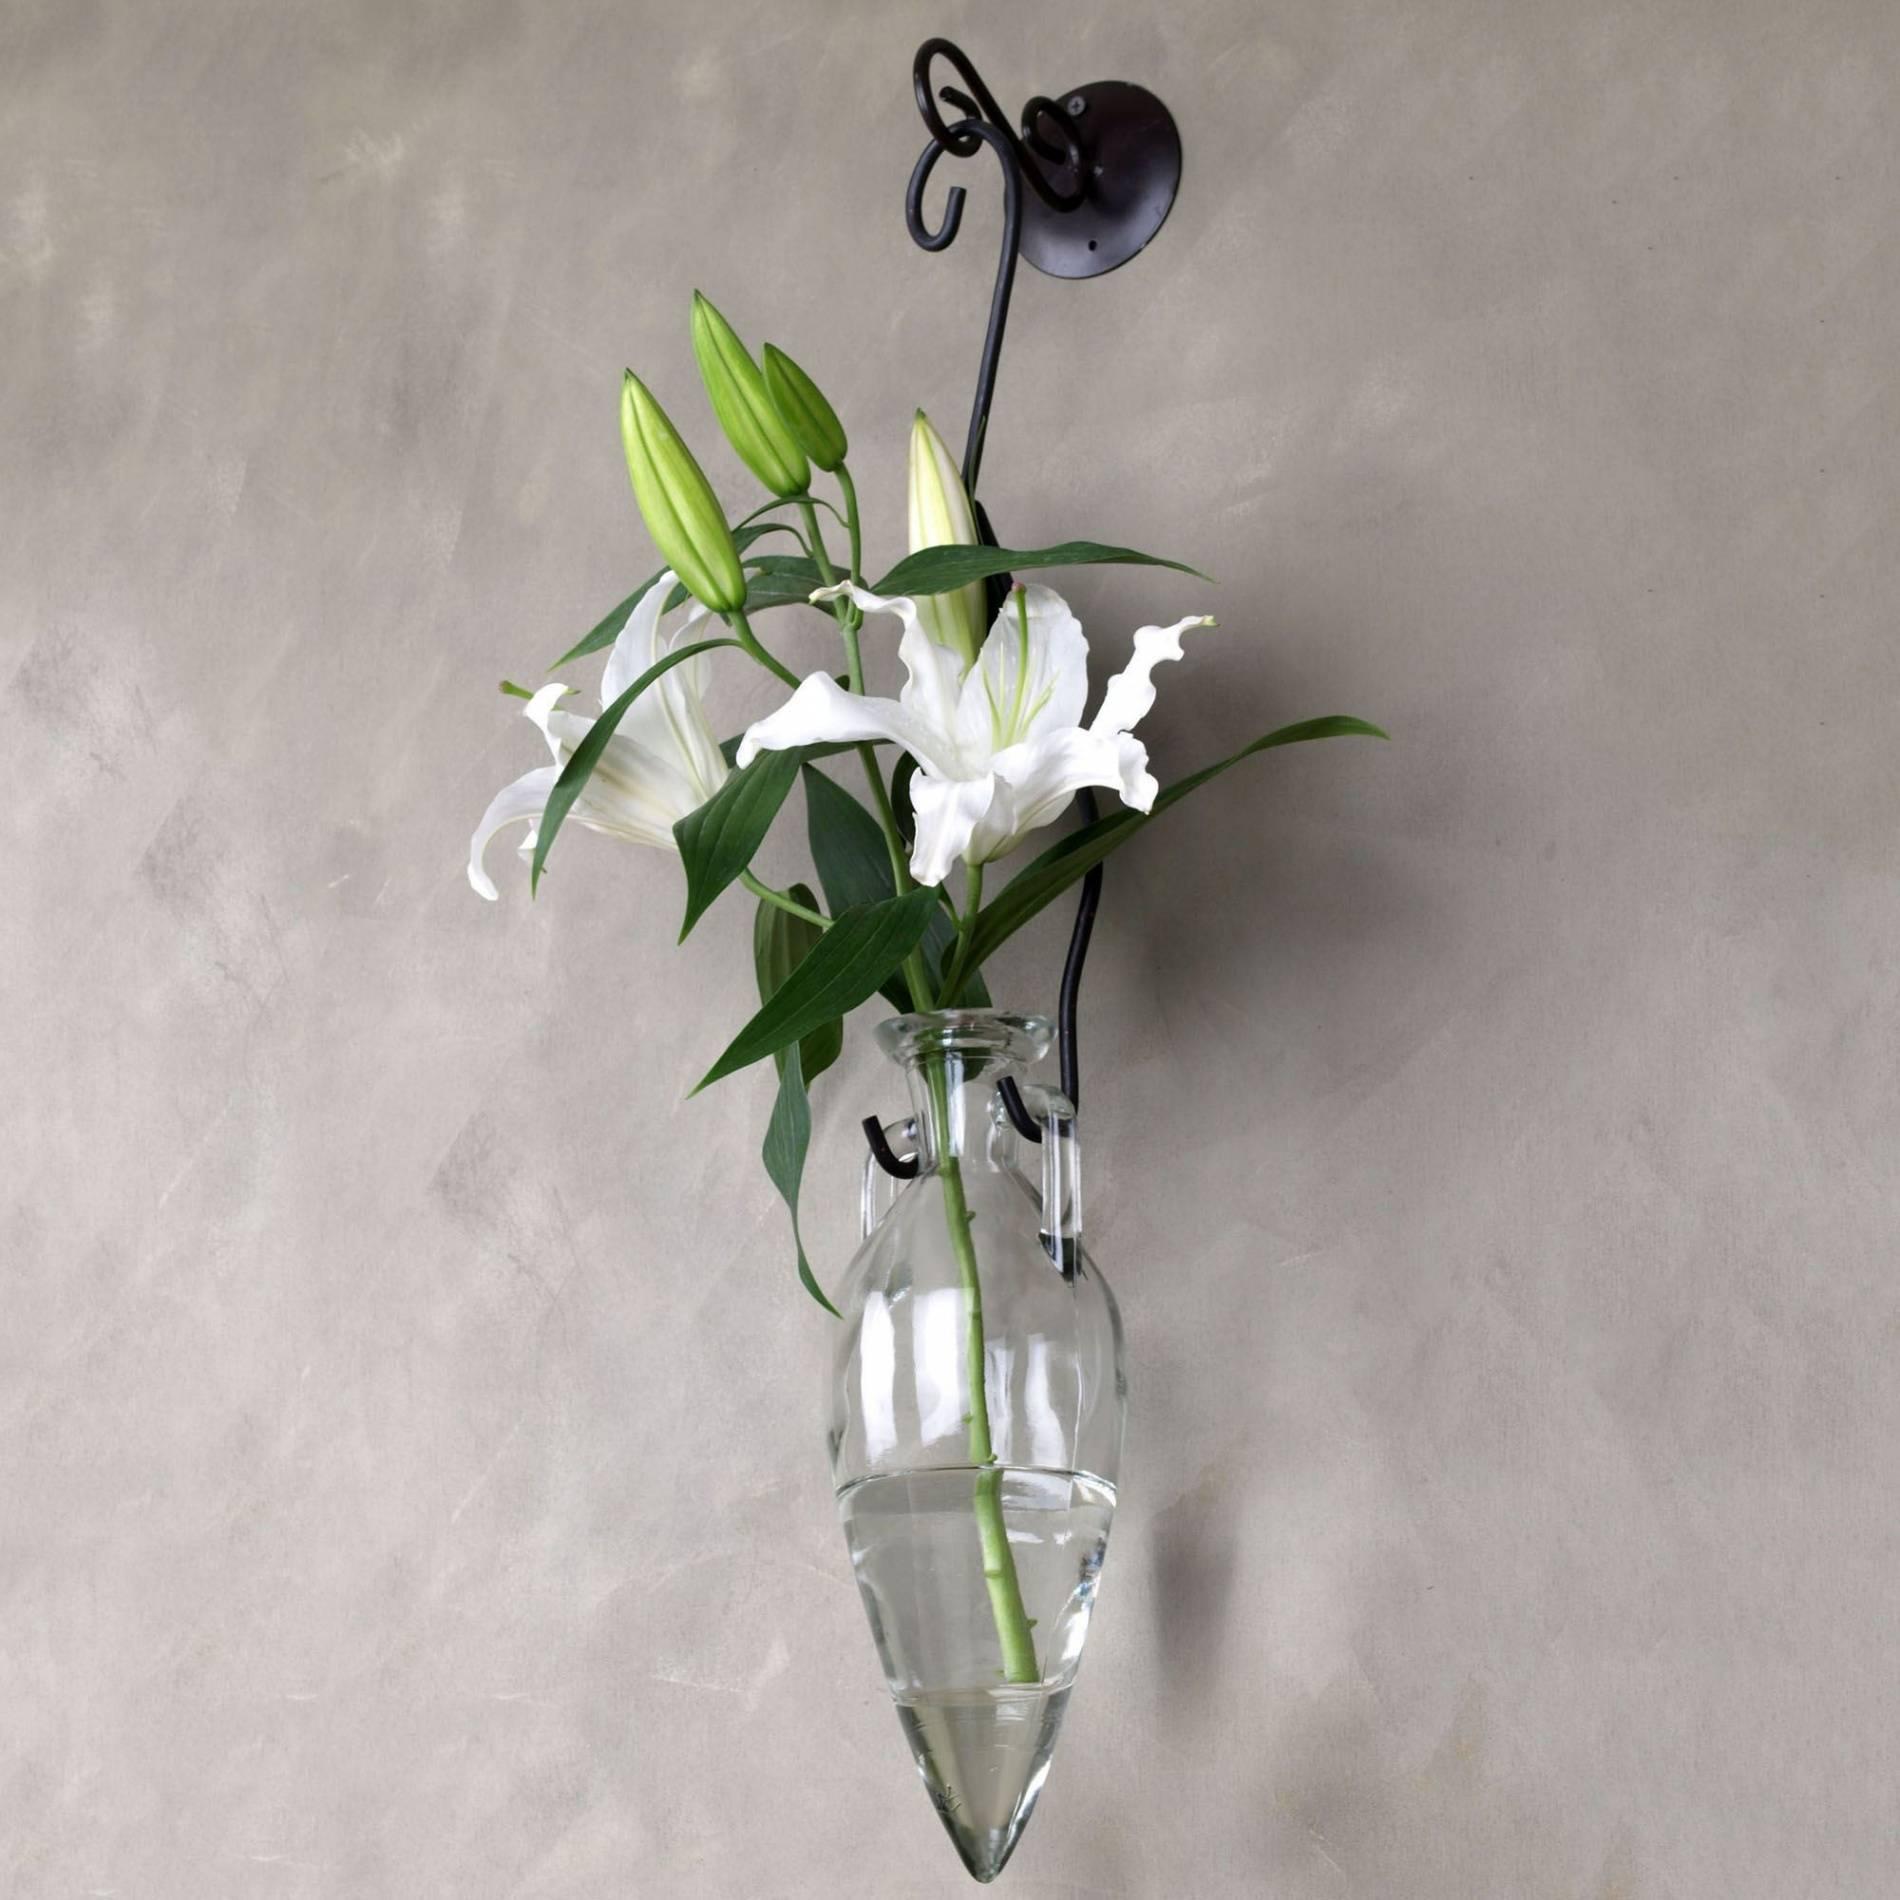 h vases wall hanging flower vase newspaper i 0d scheme wall scheme vase blanc deco vase blanc deco